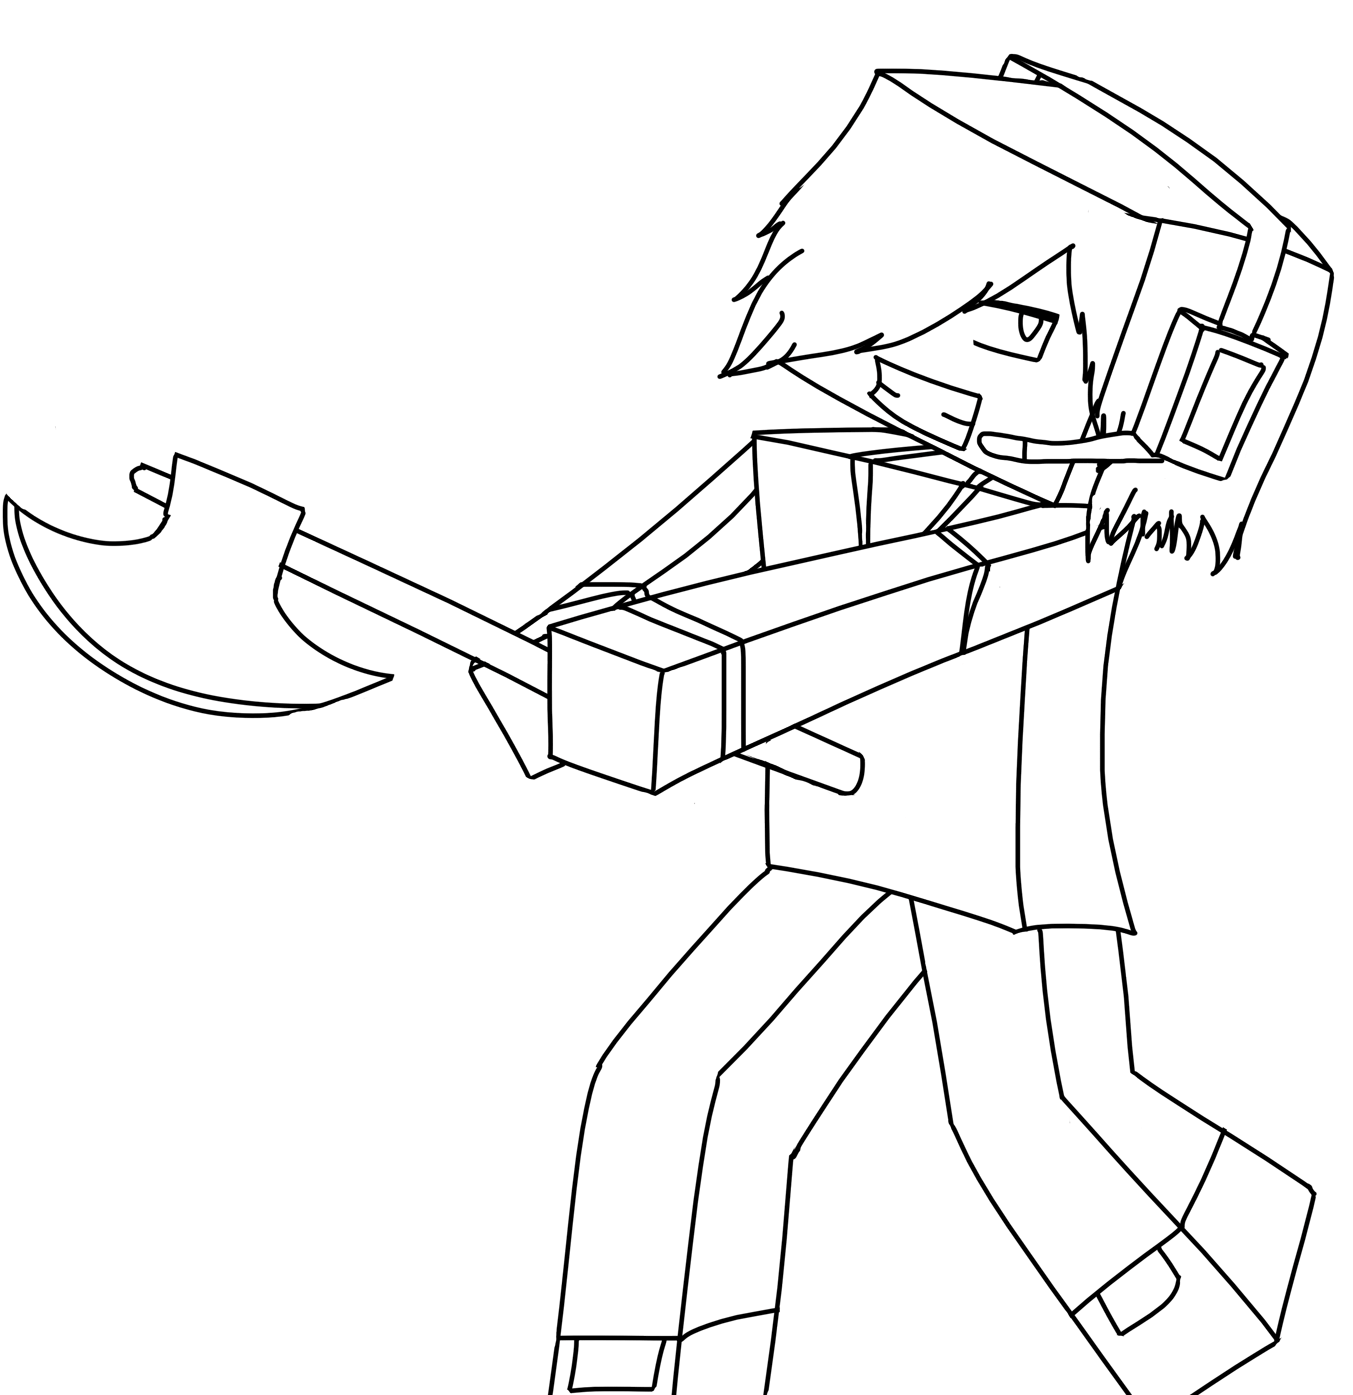 Minecraft Deadlox Ausmalbilder Fur Kinder E1550718048431 Pokemon Malvorlagen Ausmalbilder Malvorlage Einhorn